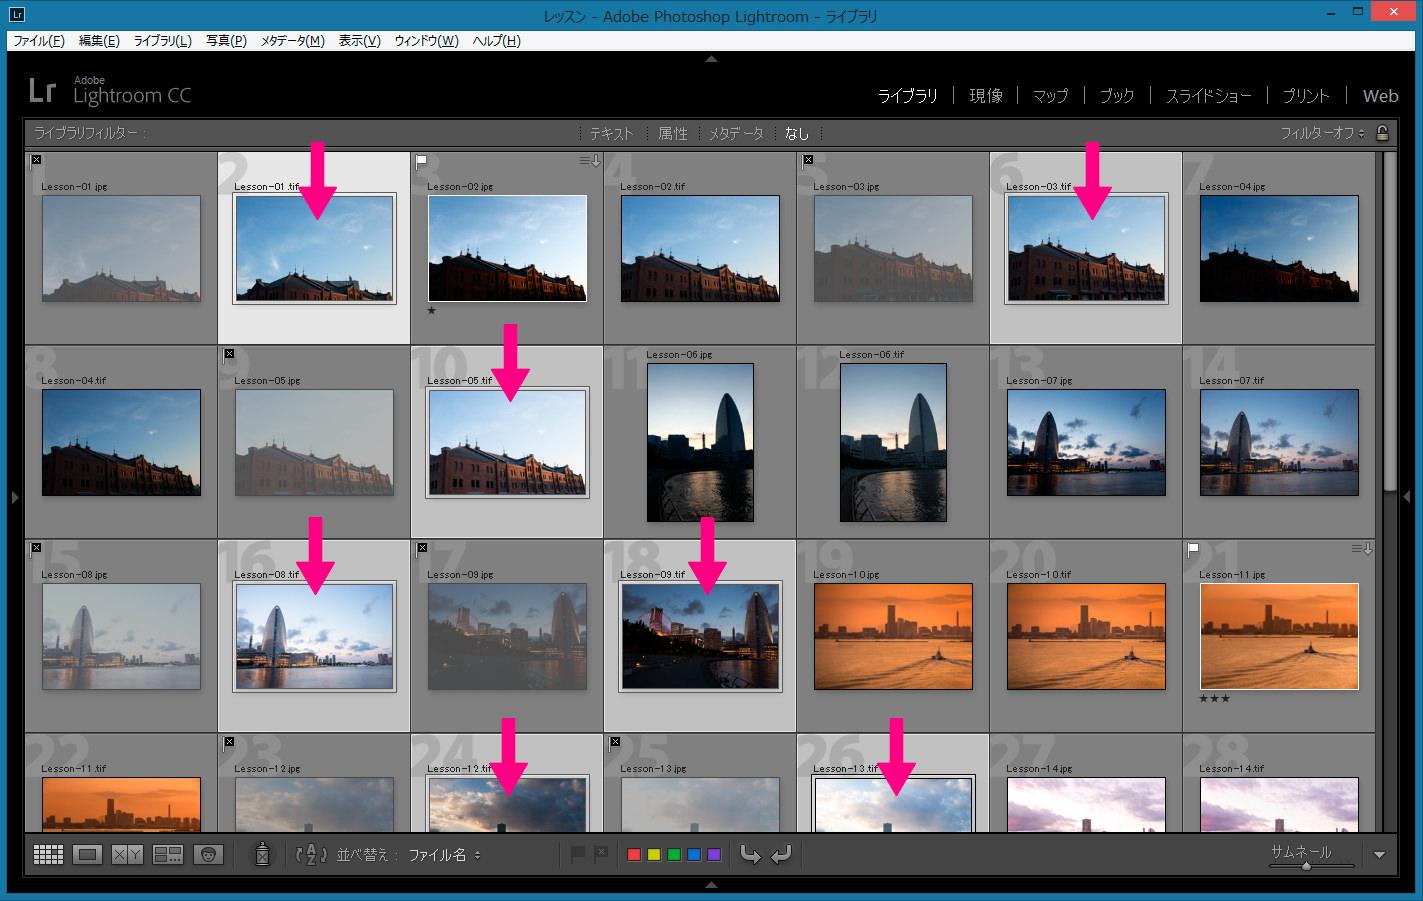 グリッド表示-削除するRAW画像を選択